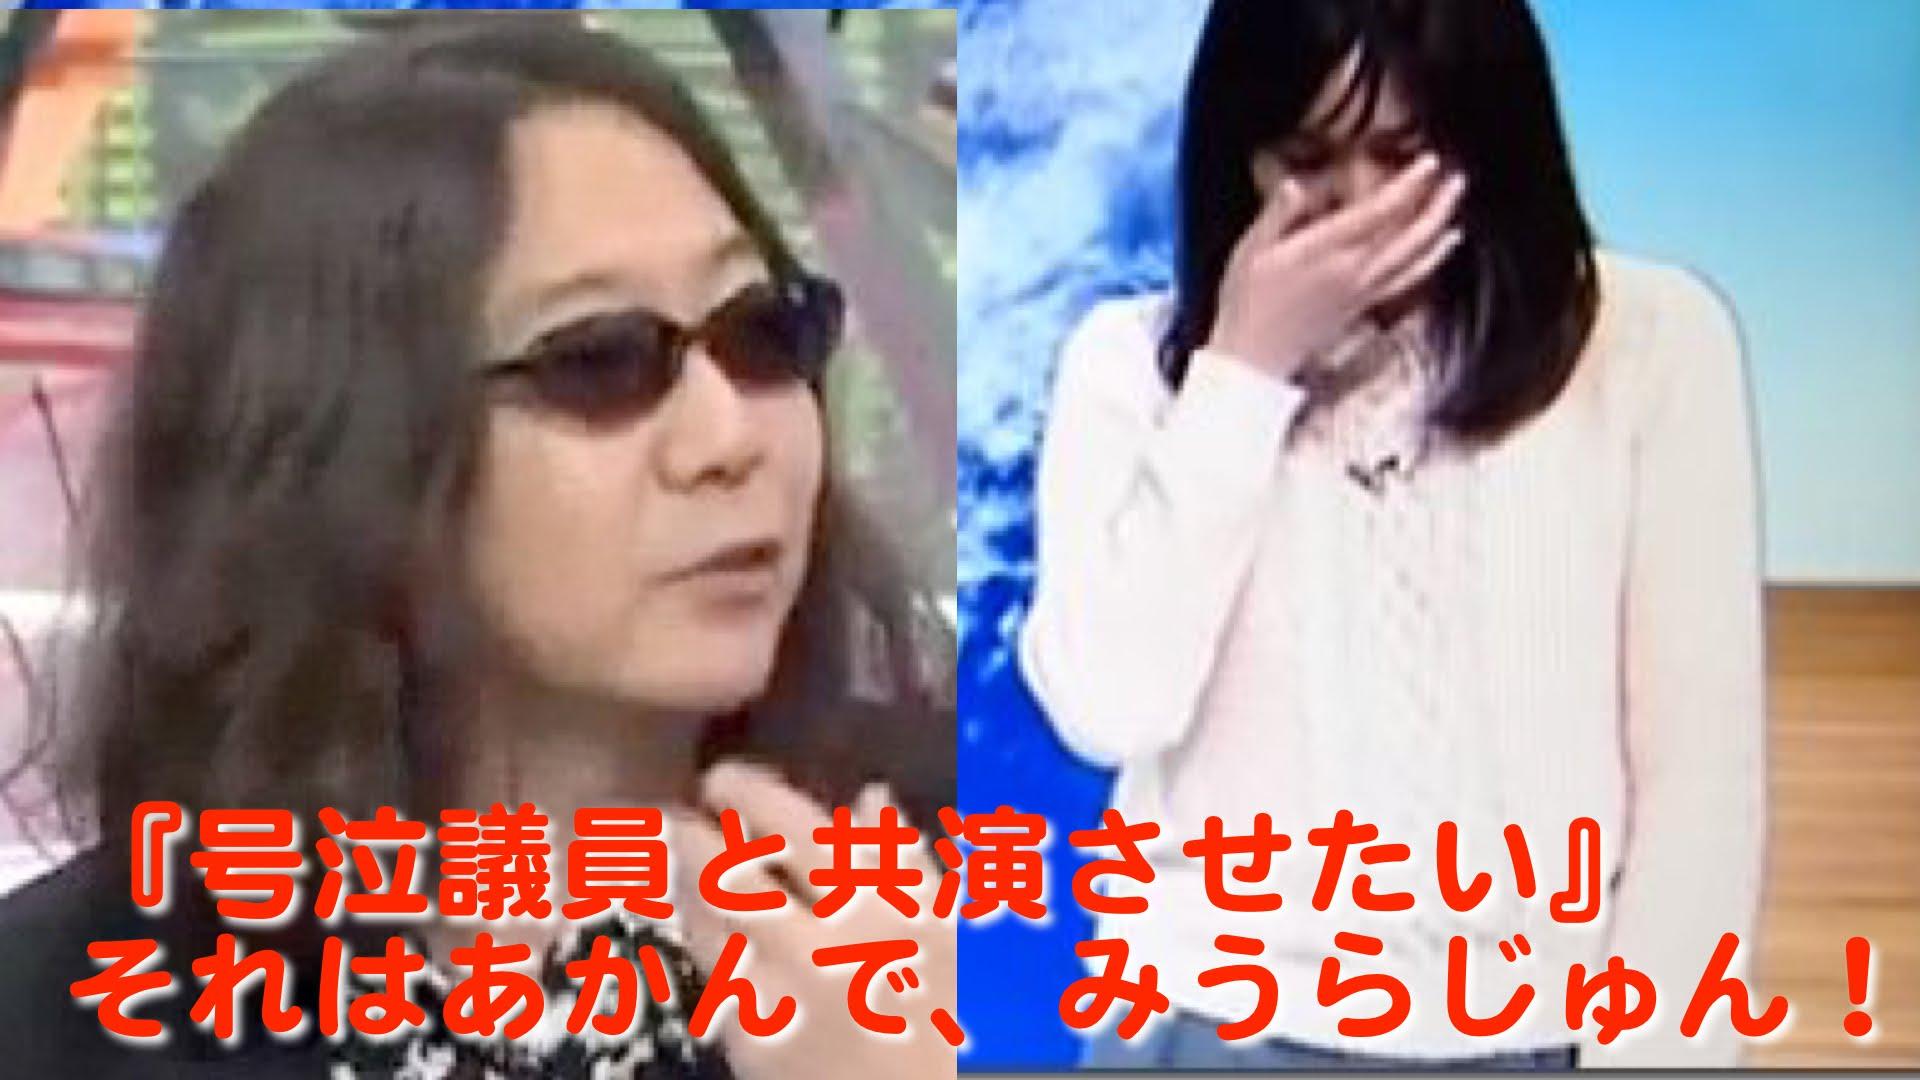 NHK山形・お天気おねえさん『号泣議員と共演させたい』みうらじゅん最低やなw